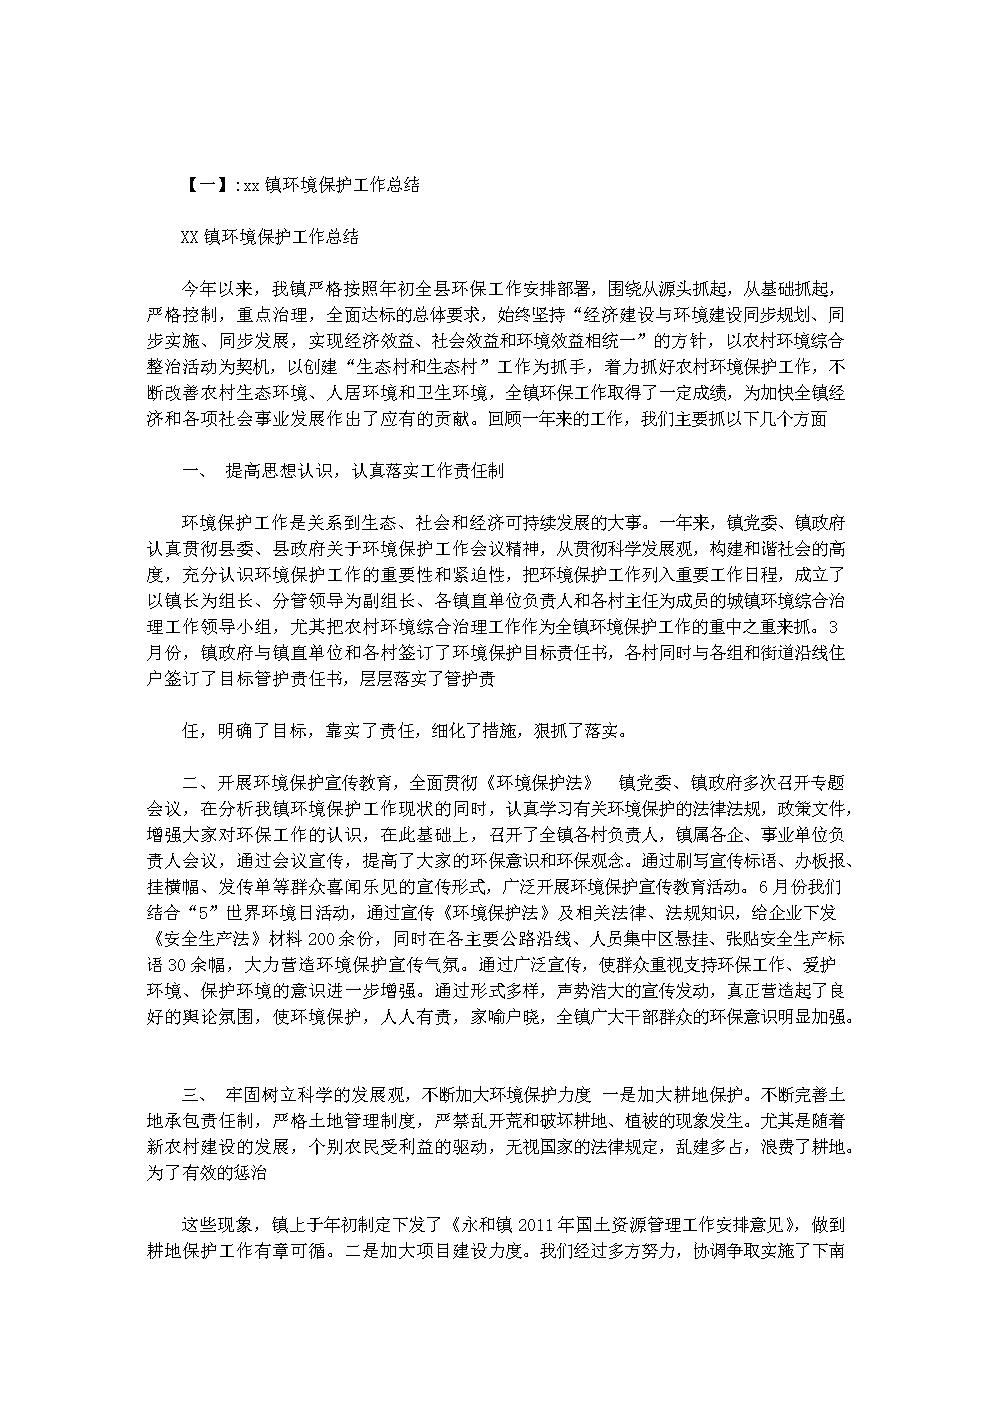 乡镇环保违法违规项目总结范文.doc